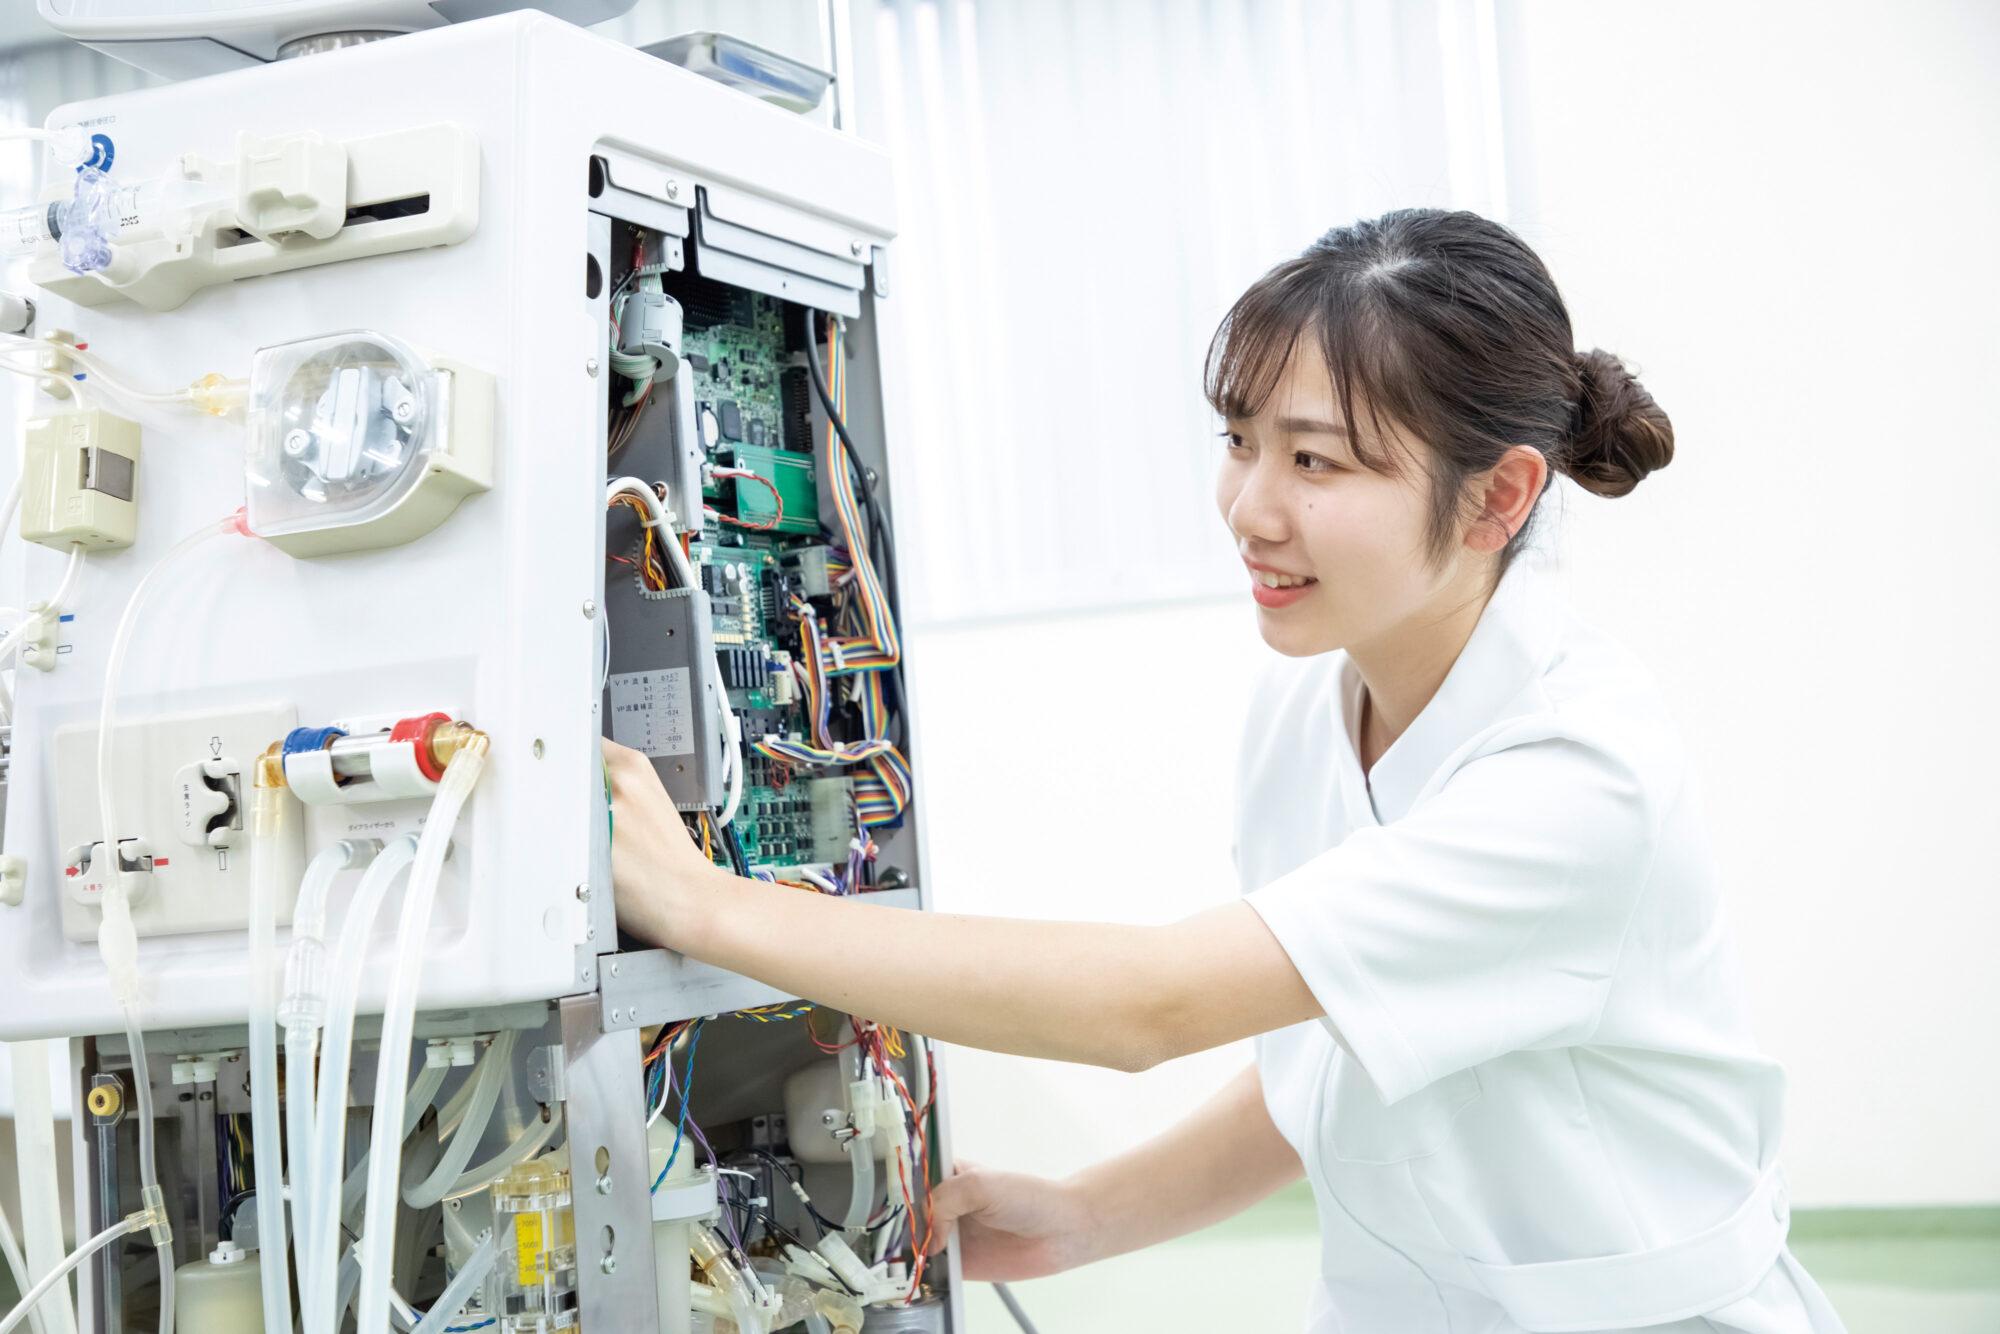 【終了】5月9日(日)はスペシャルオープンキャンパス🥳臨床工学科のスペシャル体験授業は「医療機器大実験⁉️医療機器のヒミツを探ってみよう😄 」メイン画像